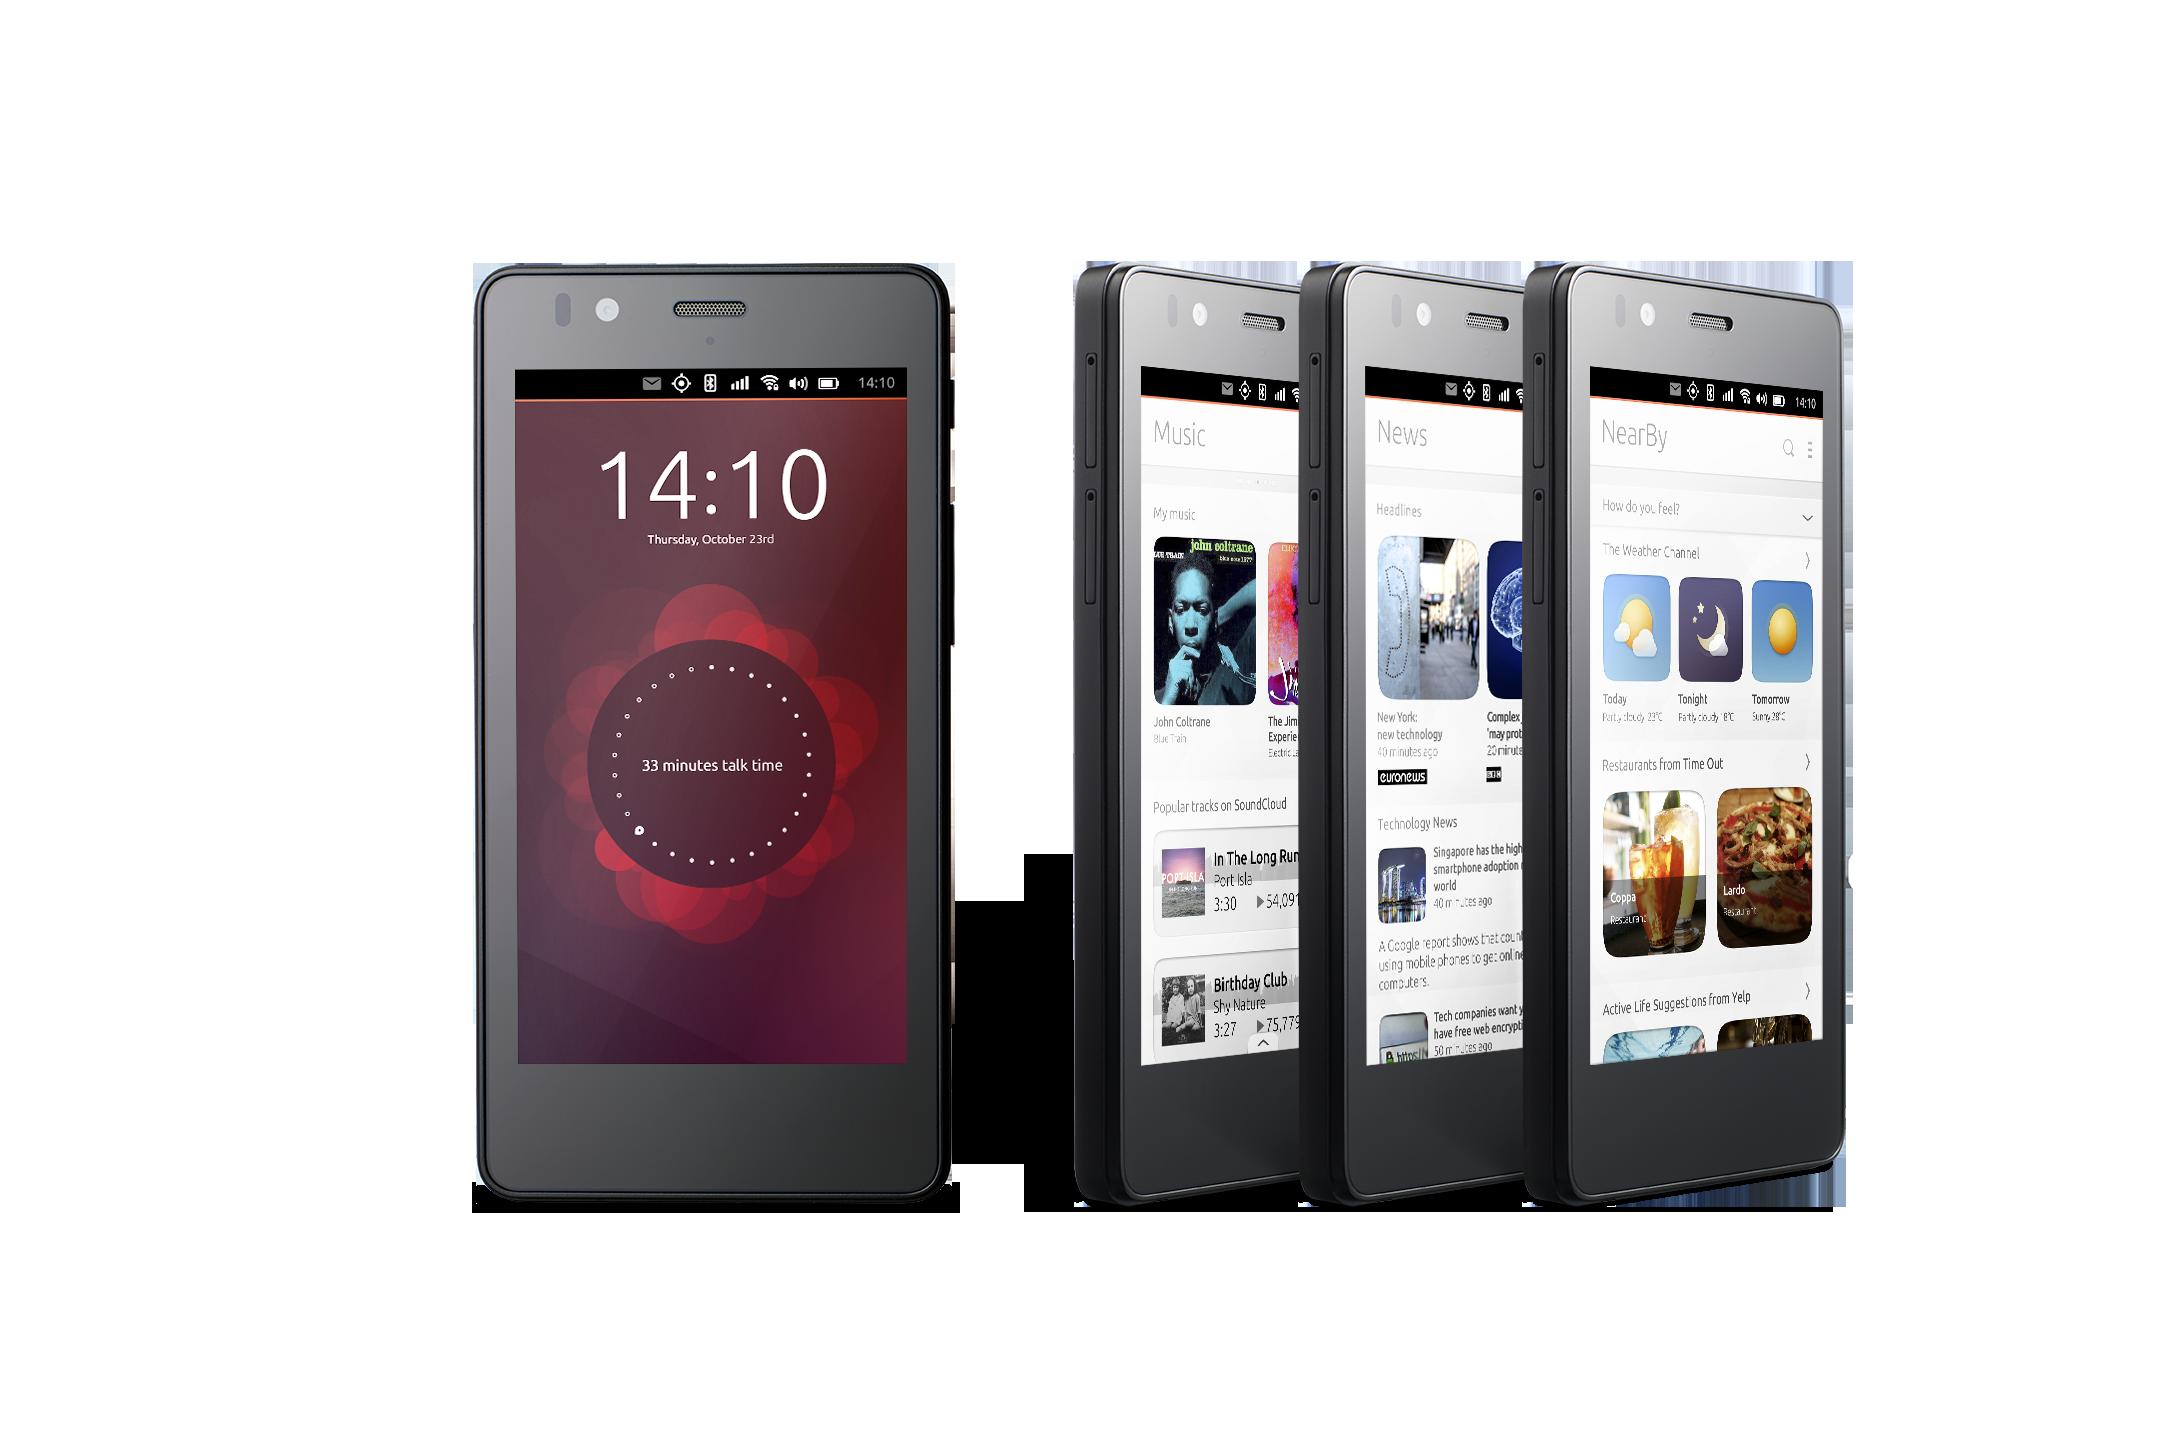 Il primo Smartphone Ubuntu in arrivo, ma ci sono molti dubbi